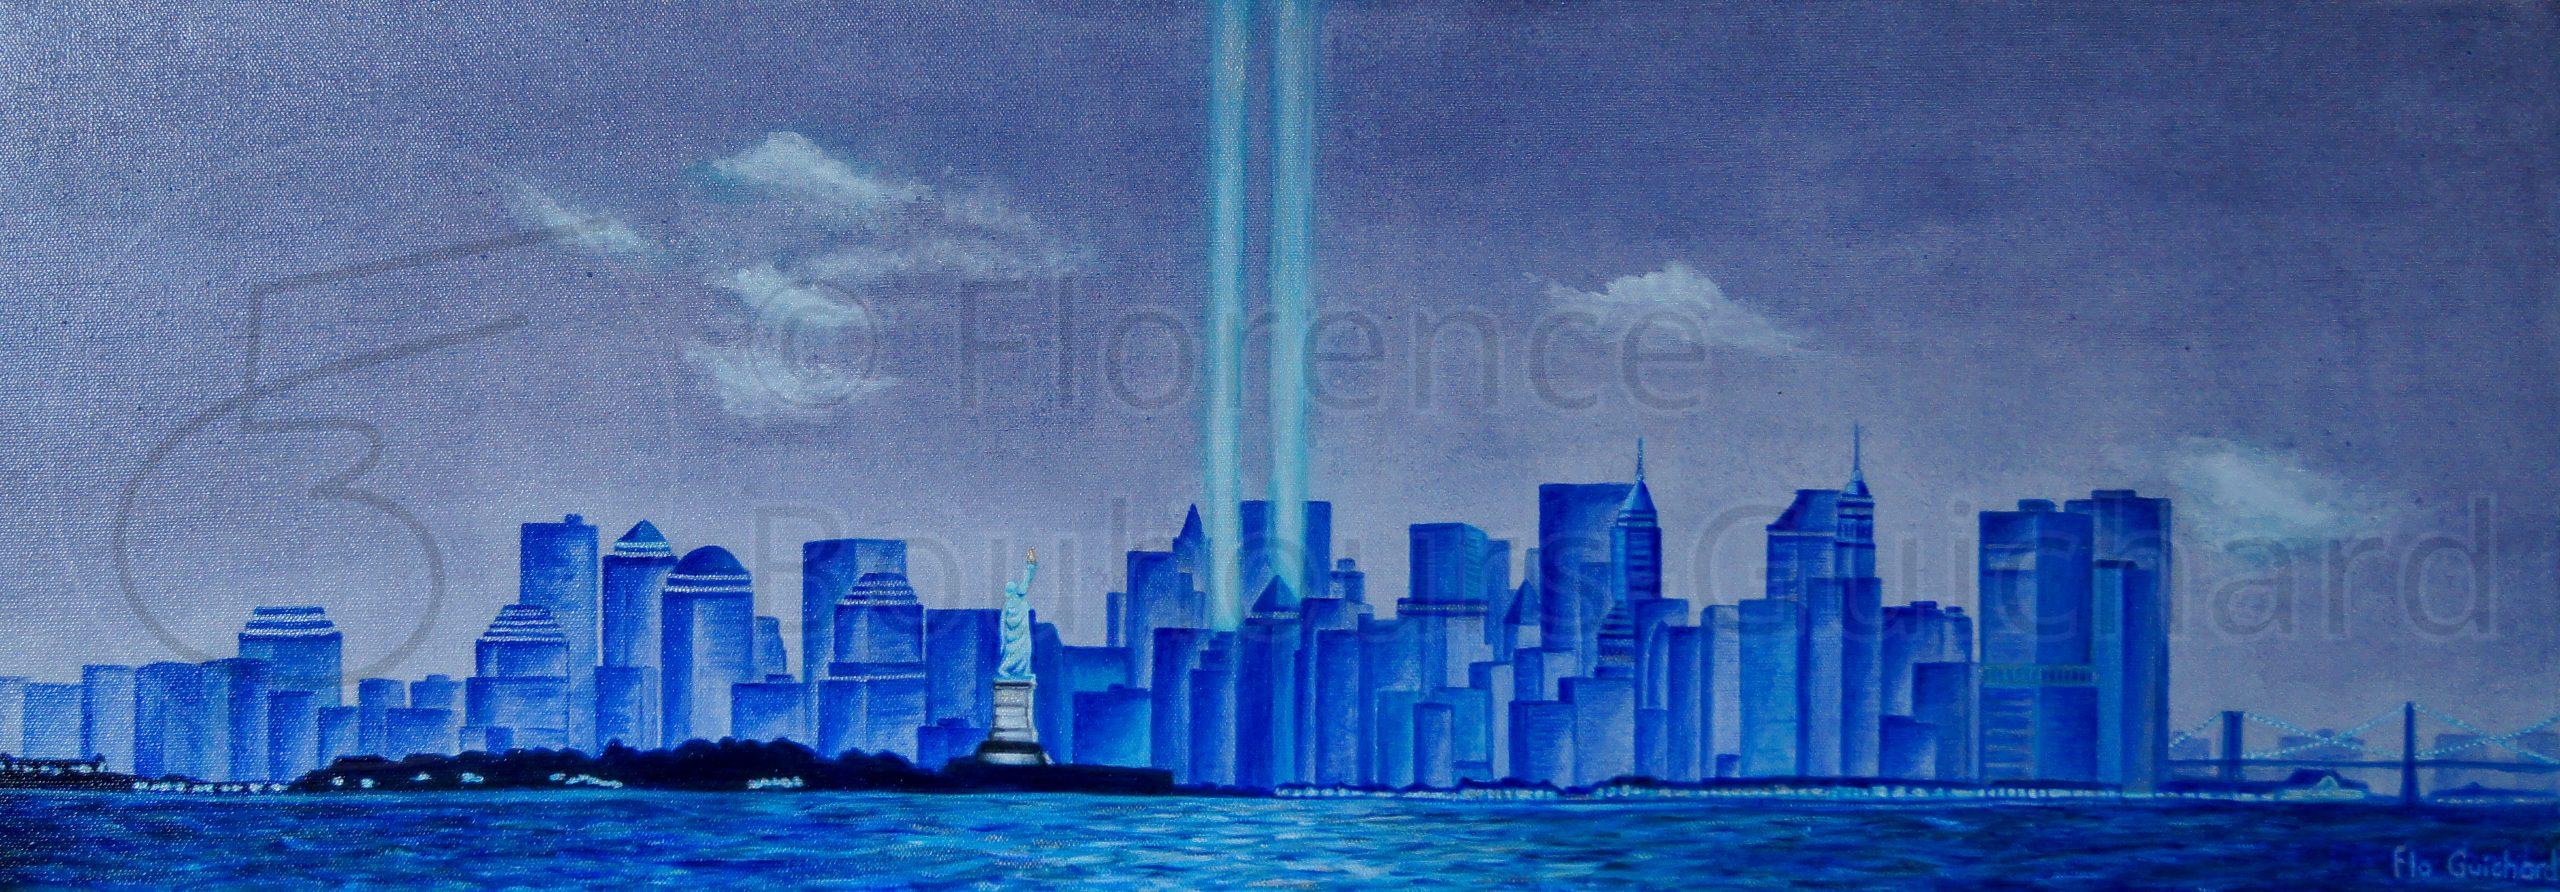 « Manhattan blues » acrylique sur toile – 30X90 cm